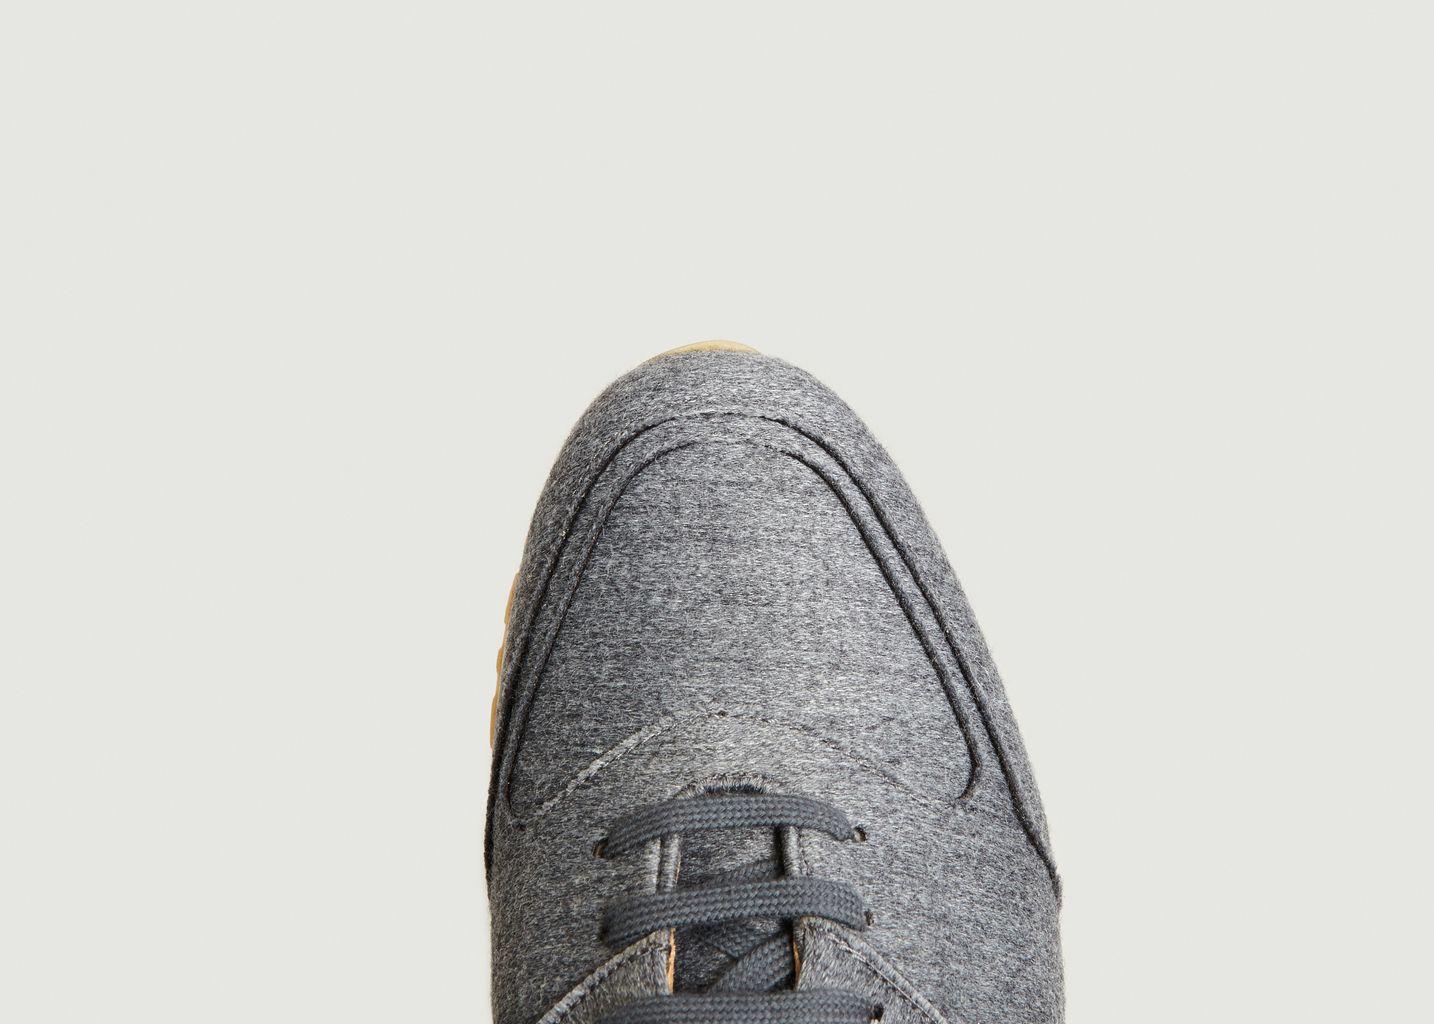 Sneakers Valmy - Pairs in Paris